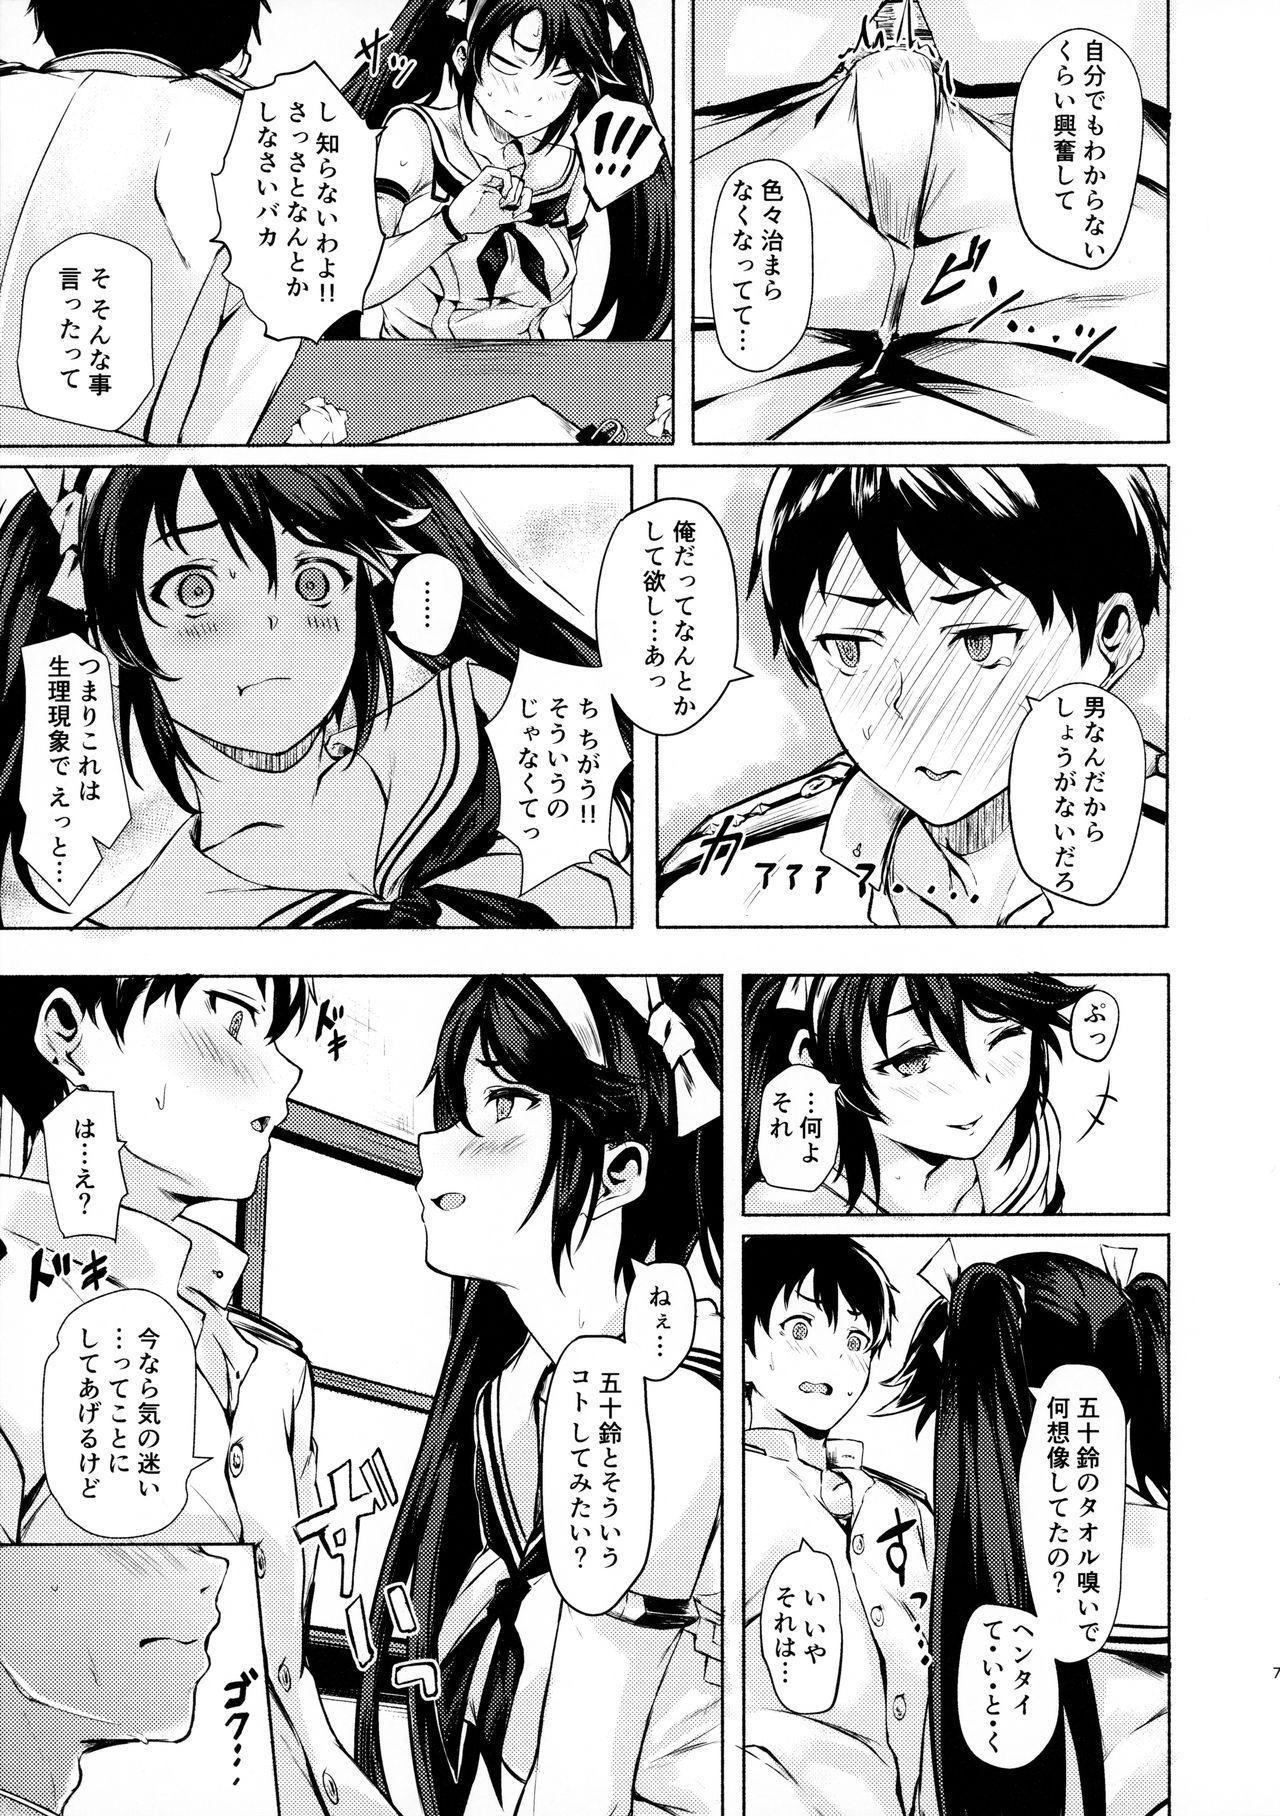 Isuzu no Ecchi na Hon 5